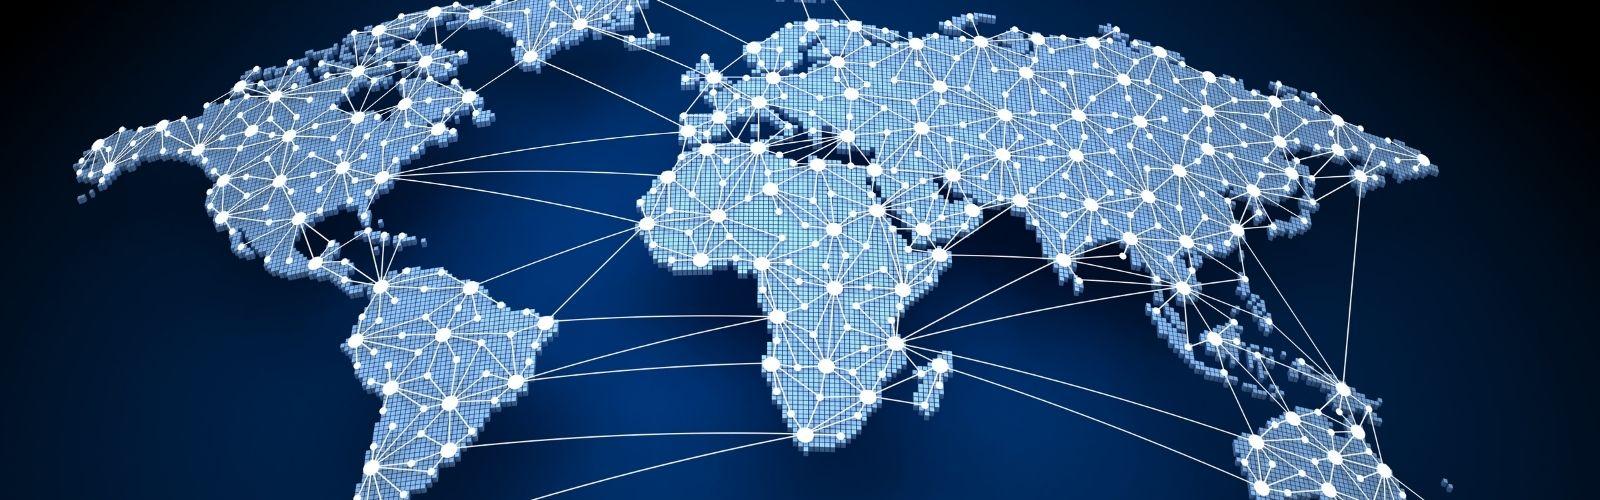 worldwide blogs